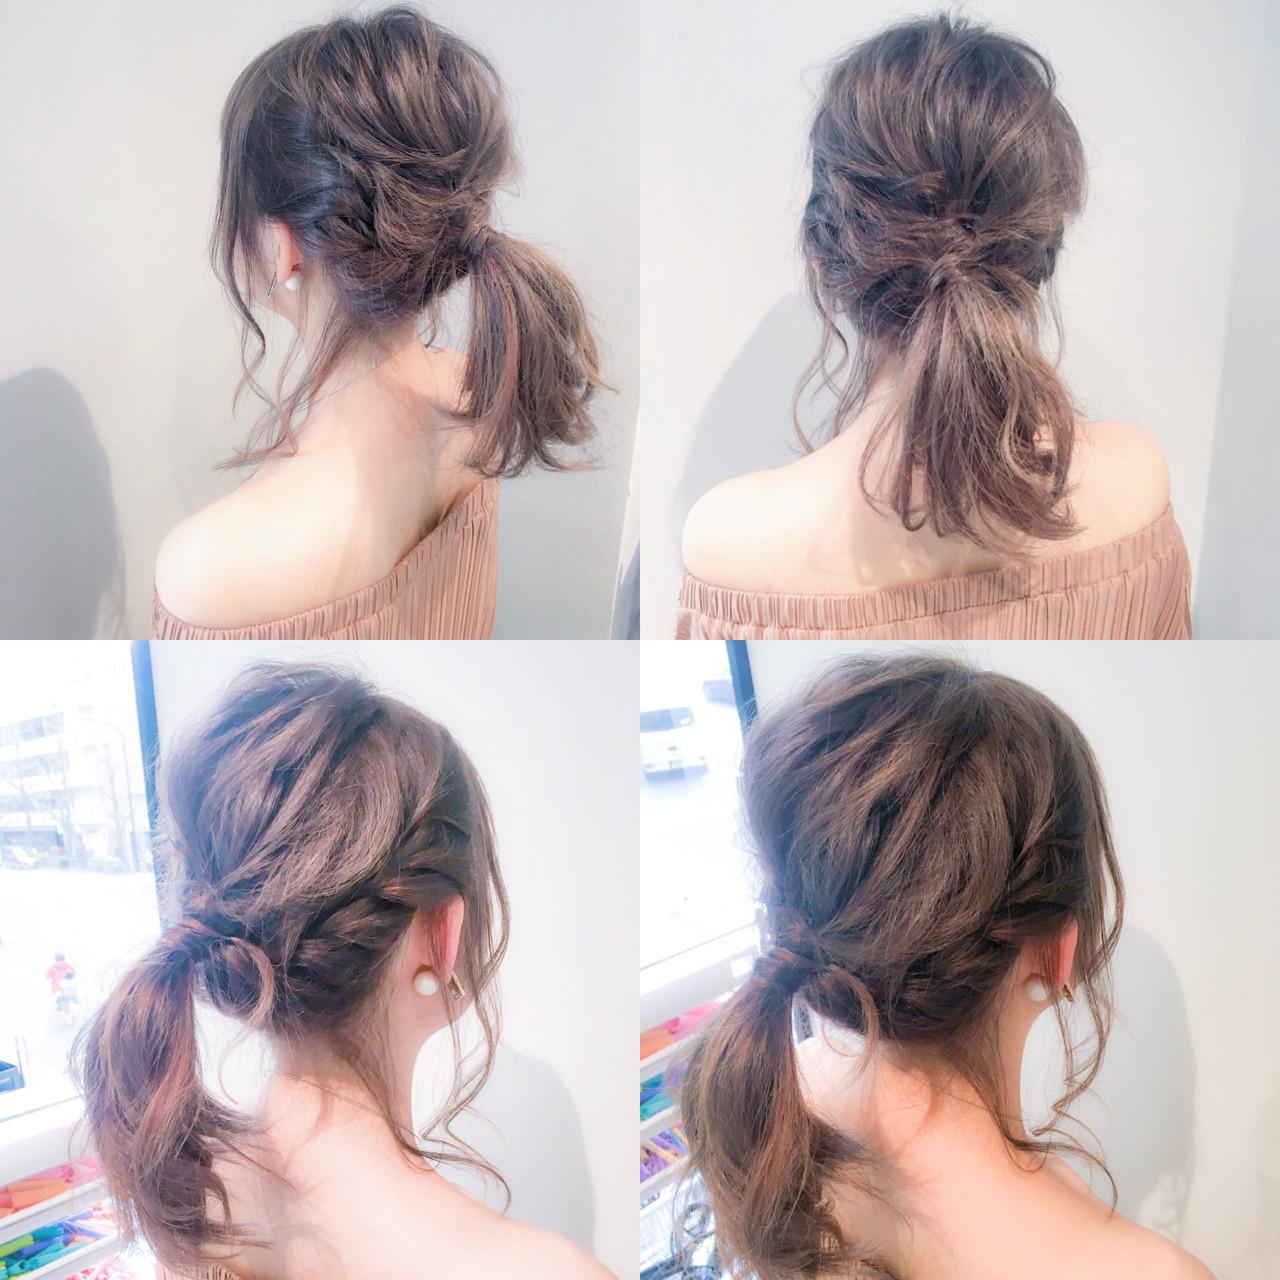 ルーズ セミロング デート ポニーテール ヘアスタイルや髪型の写真・画像